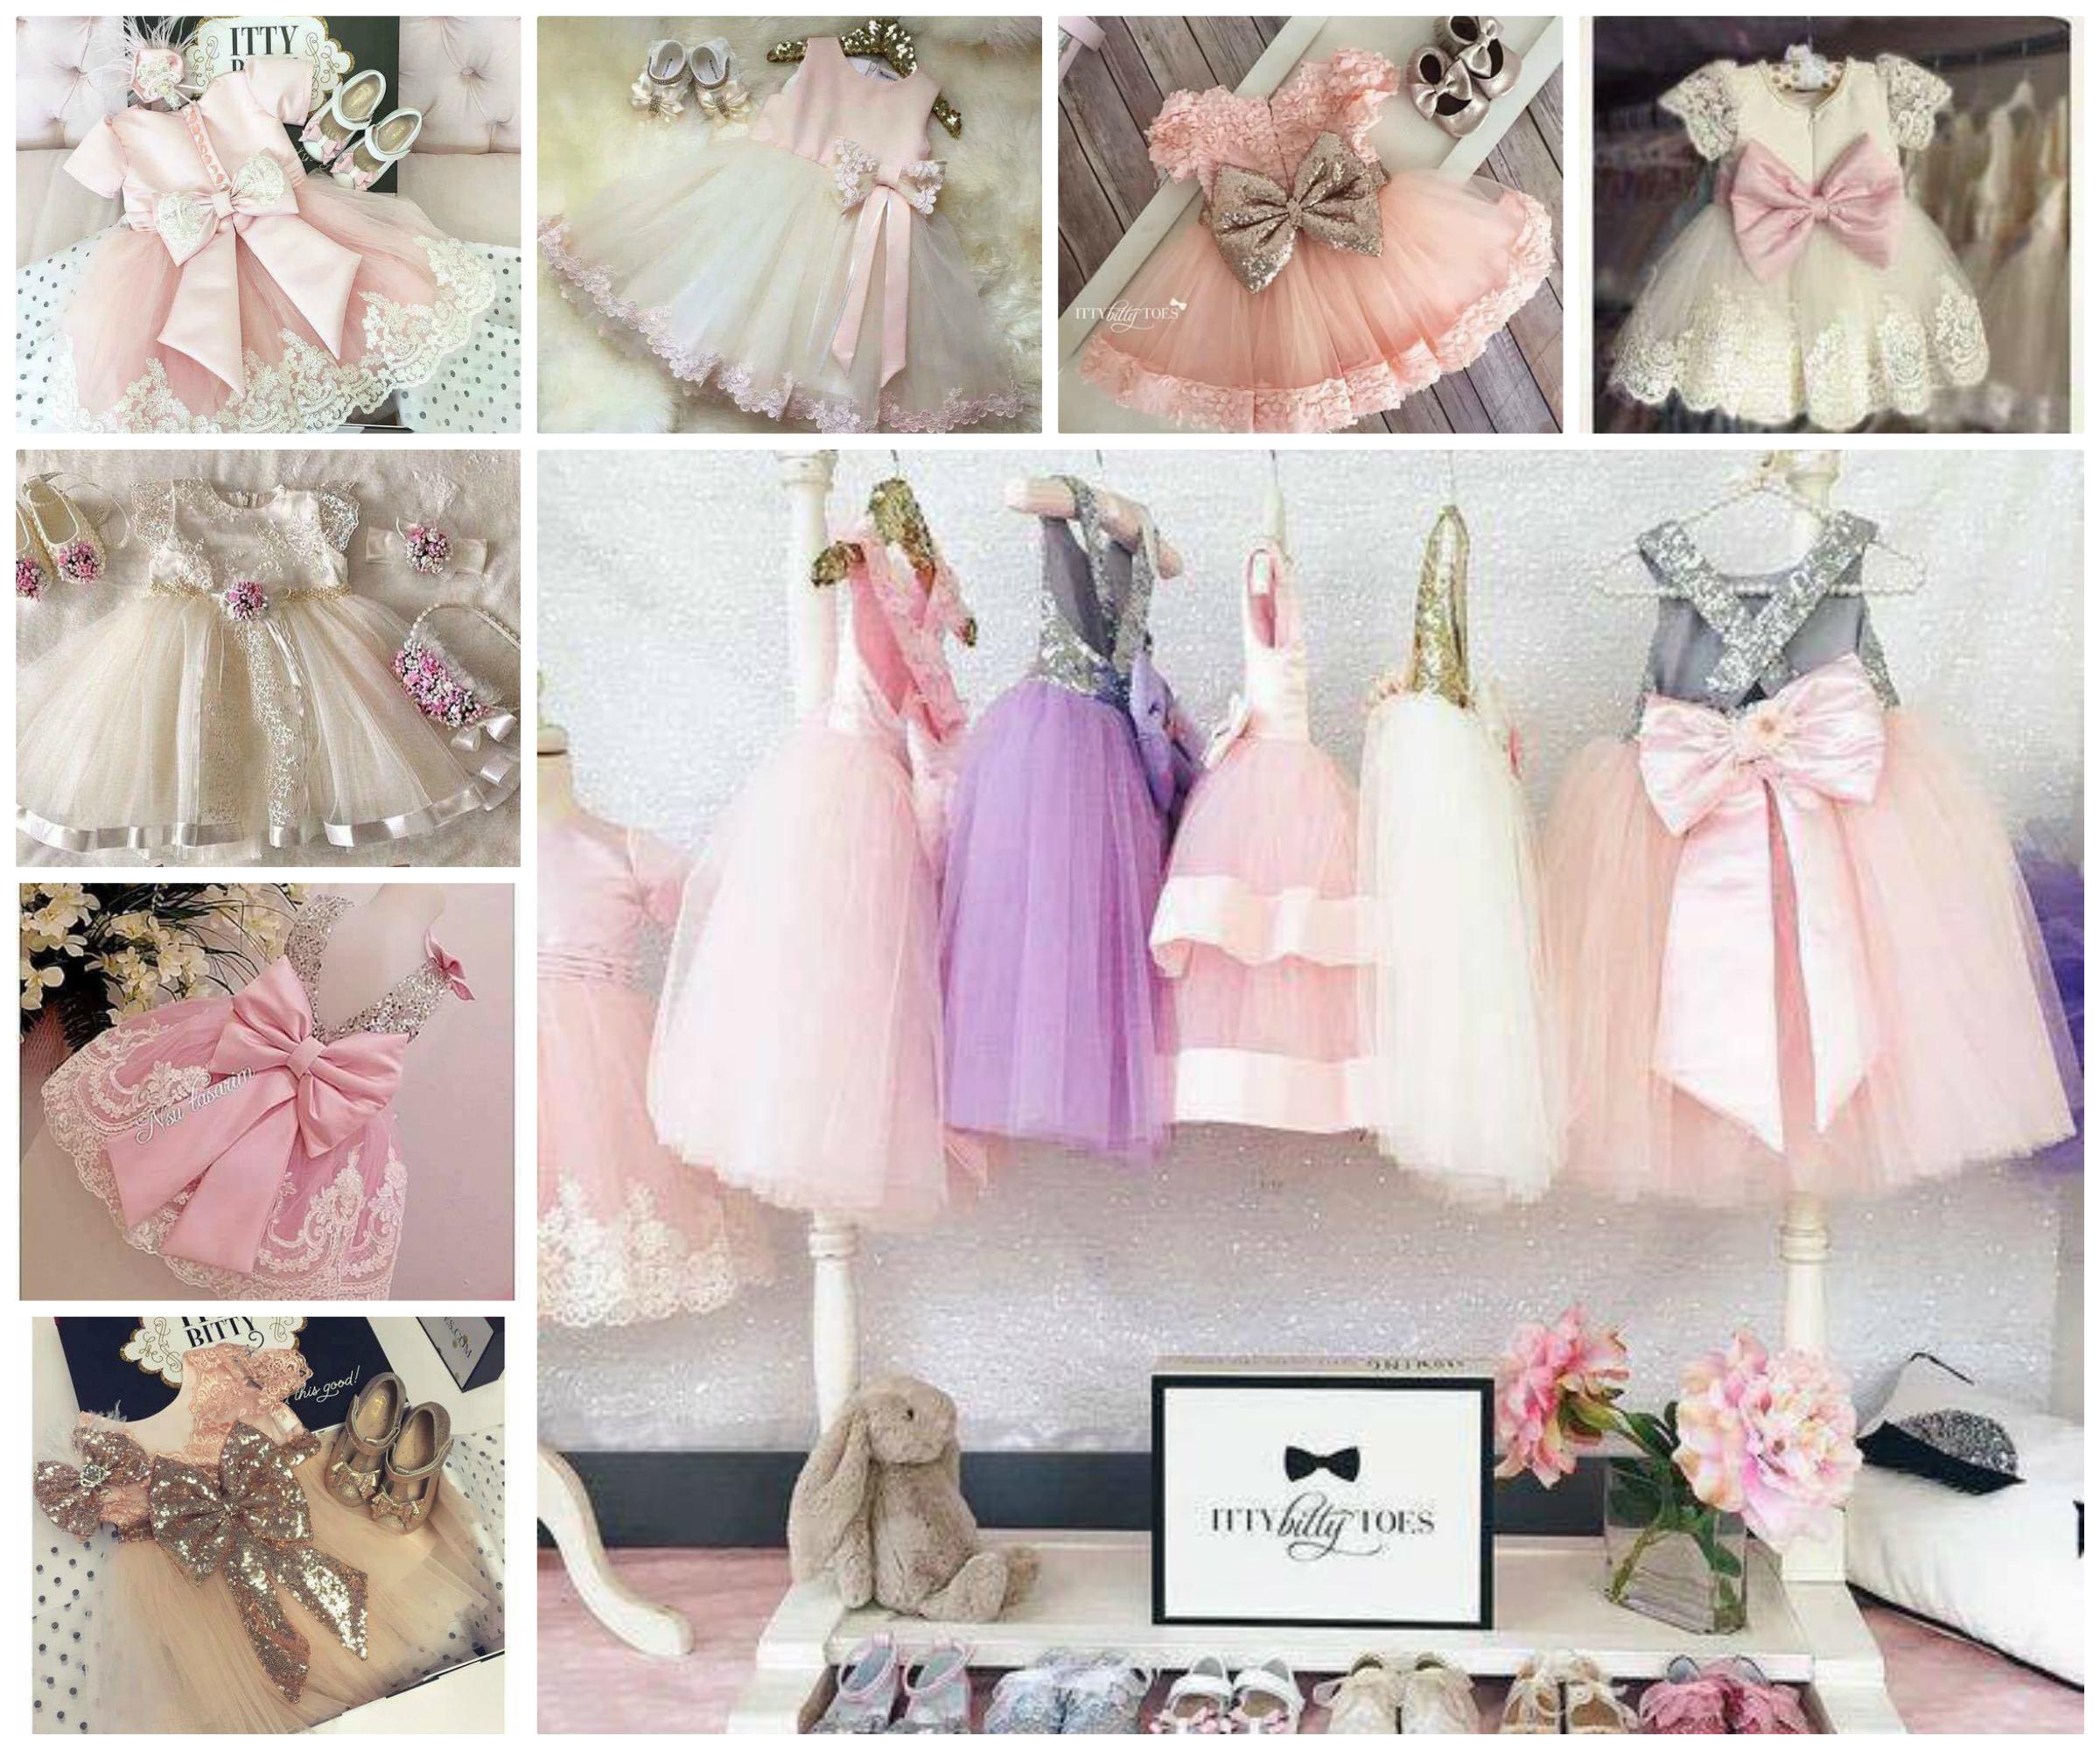 a8a3e047bb sukienka dla dziewczynki na wesele - modaislub.pl